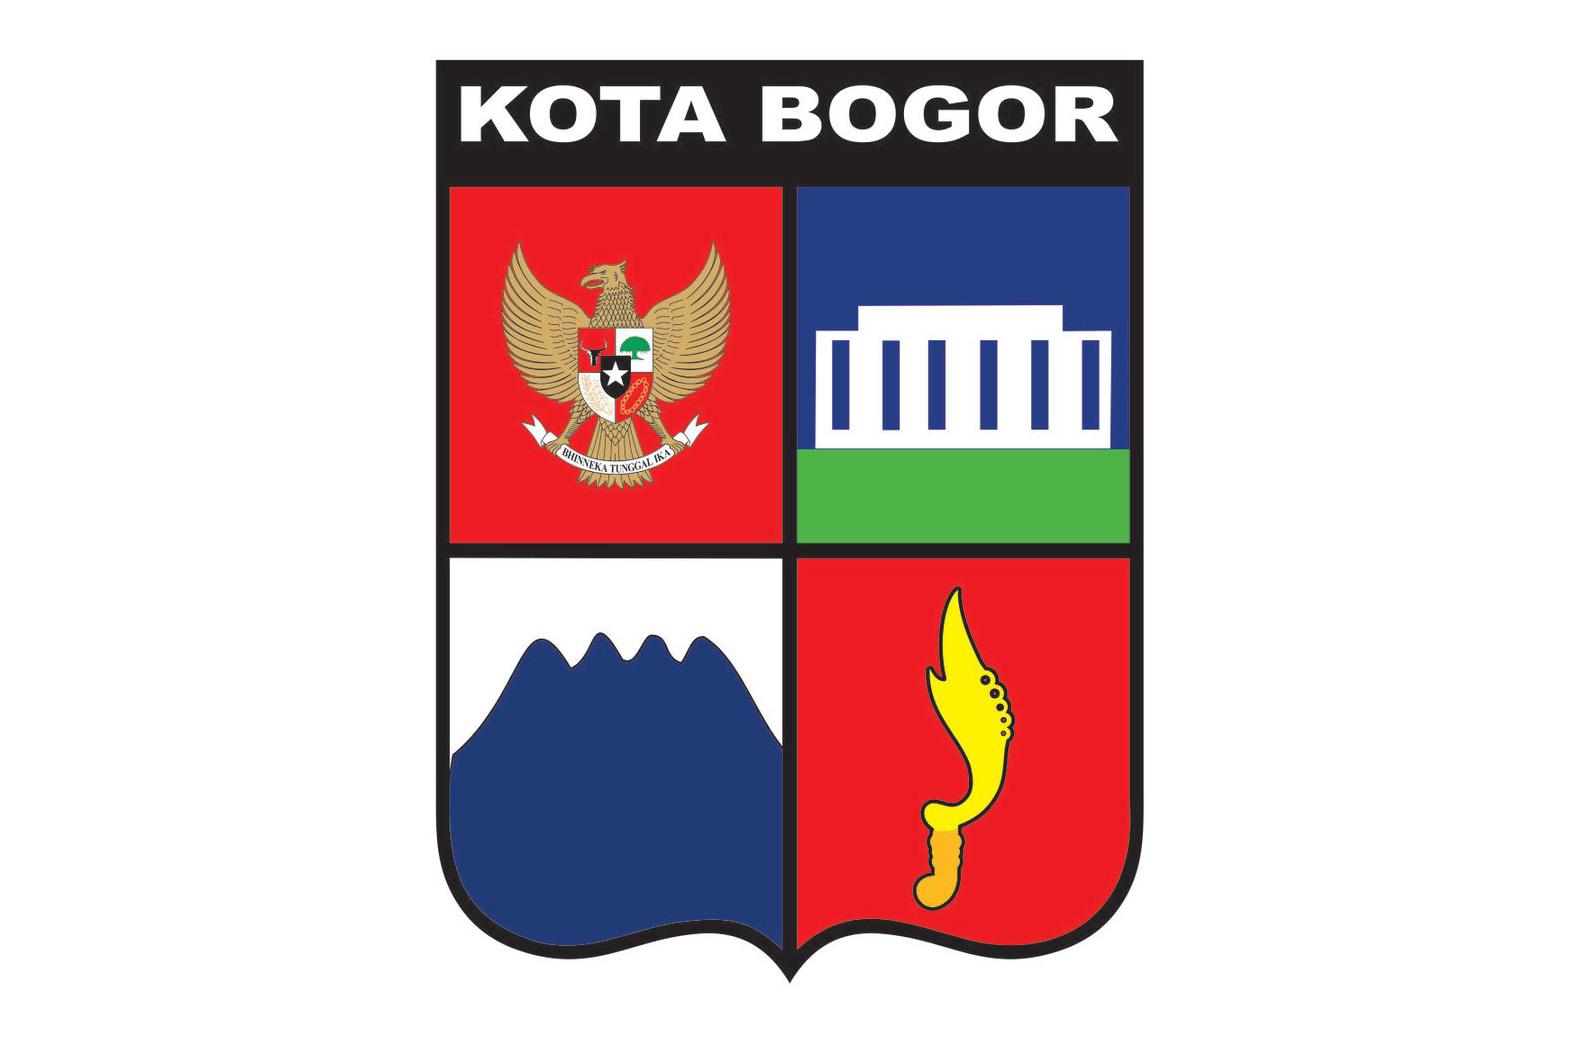 Daftar Nama Perusahaan Bogor - Depok Jawa Barat